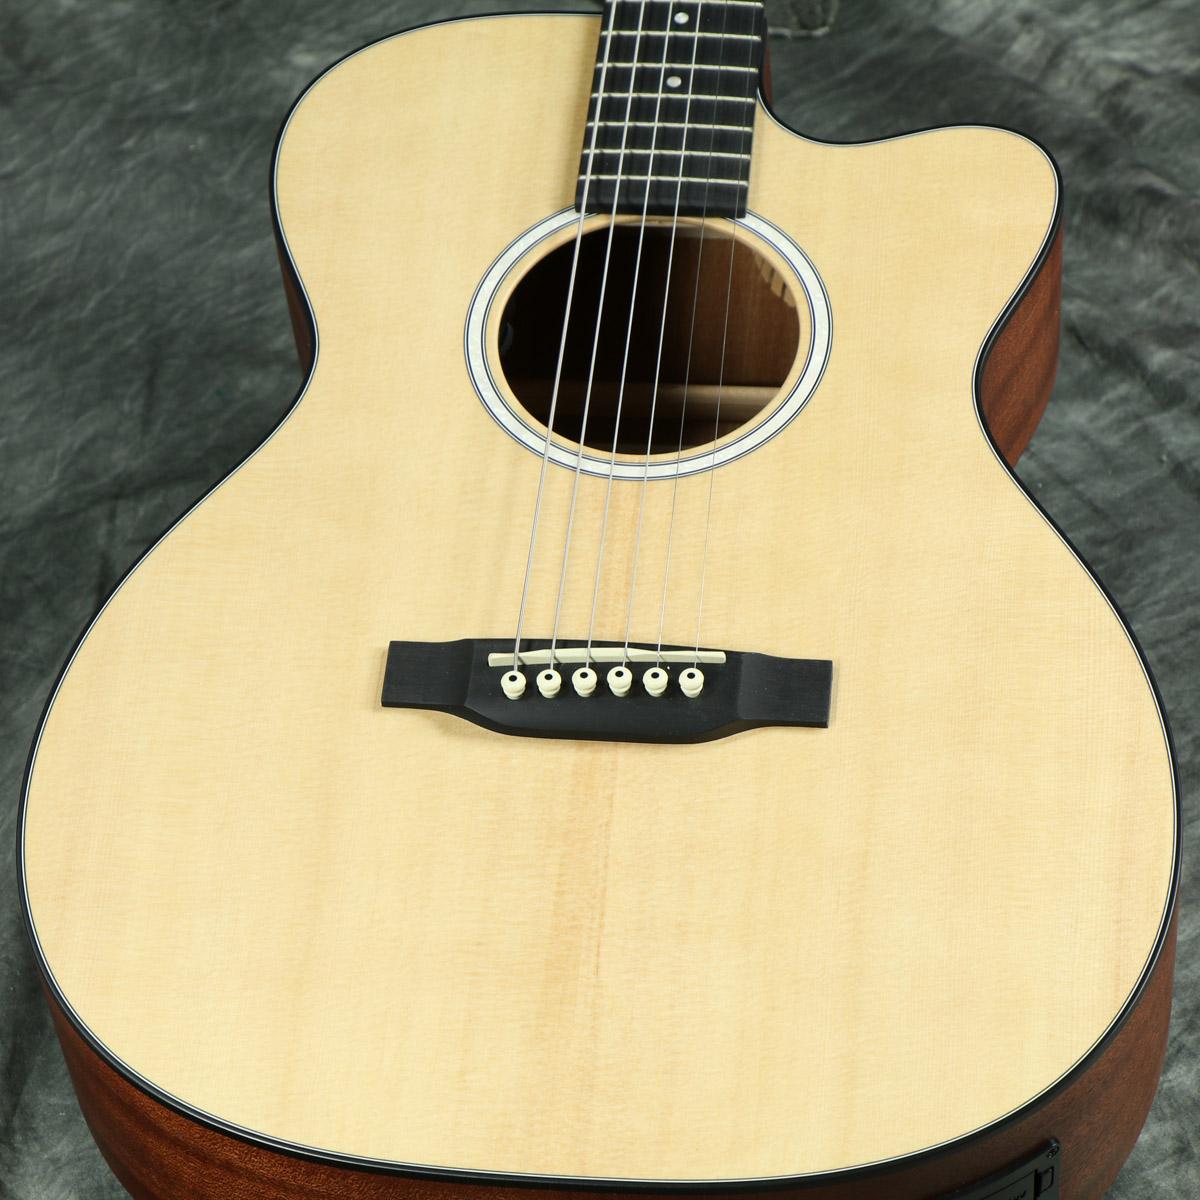 Martin / 000CJr-10E 【ピックアップ搭載】 マーティン マーチン アコースティックギター アコギ エレアコ OOOC Junior《特典つき!/80-set11229》